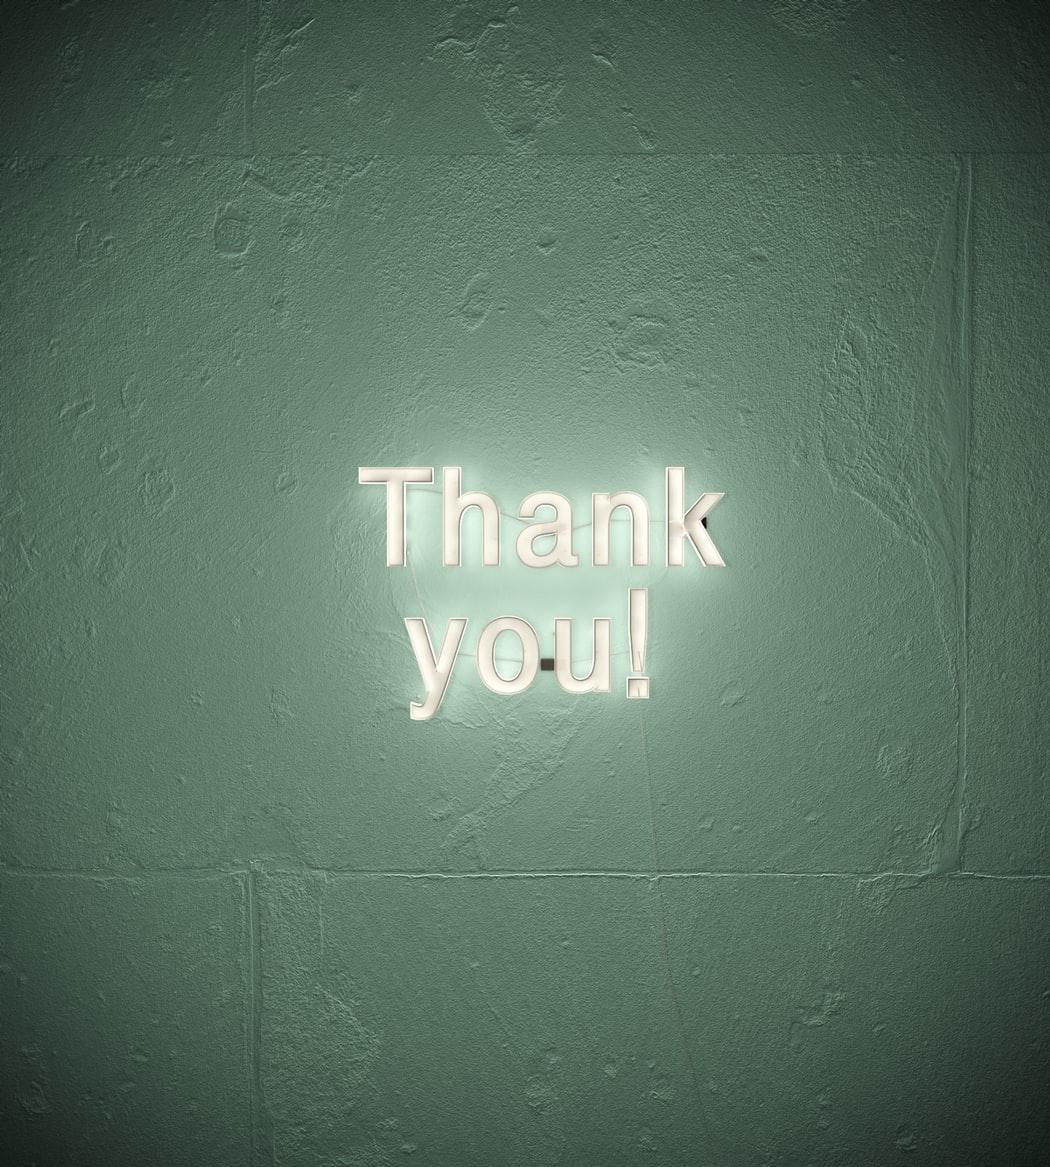 ありがとうと感謝を書く